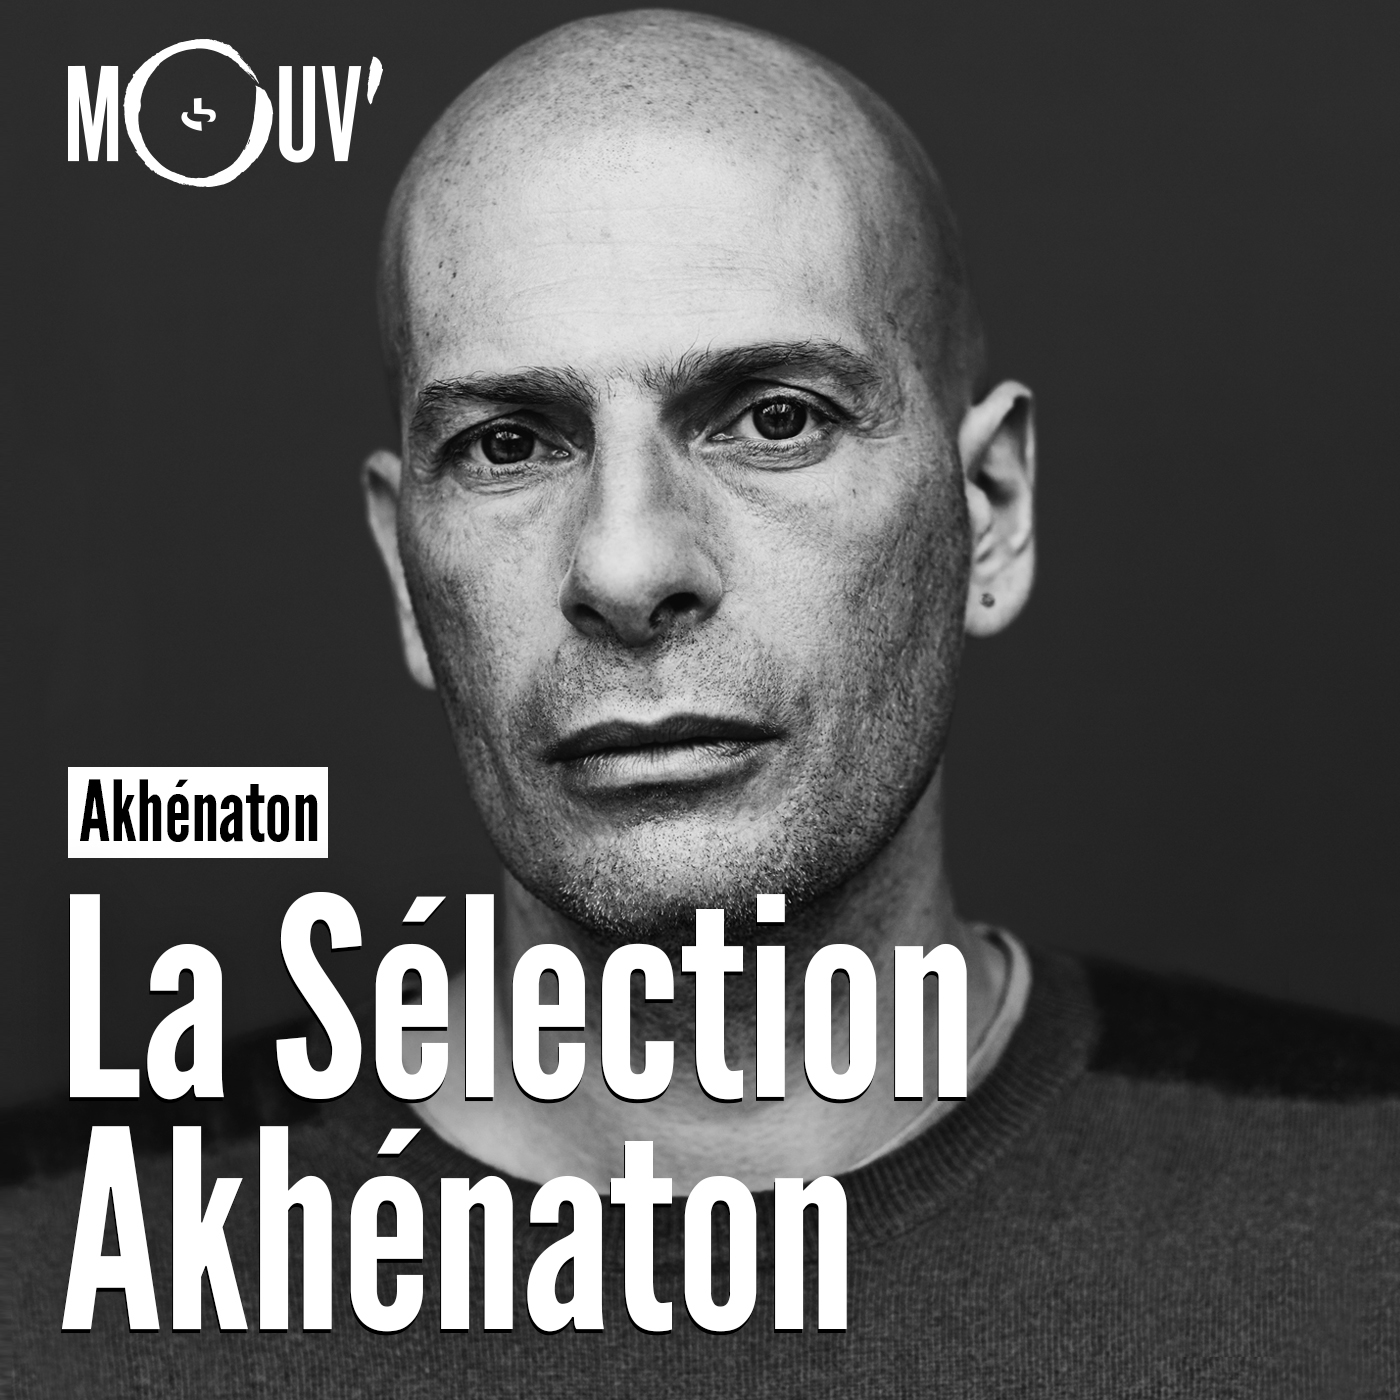 La sélection Akhénaton:Mouv